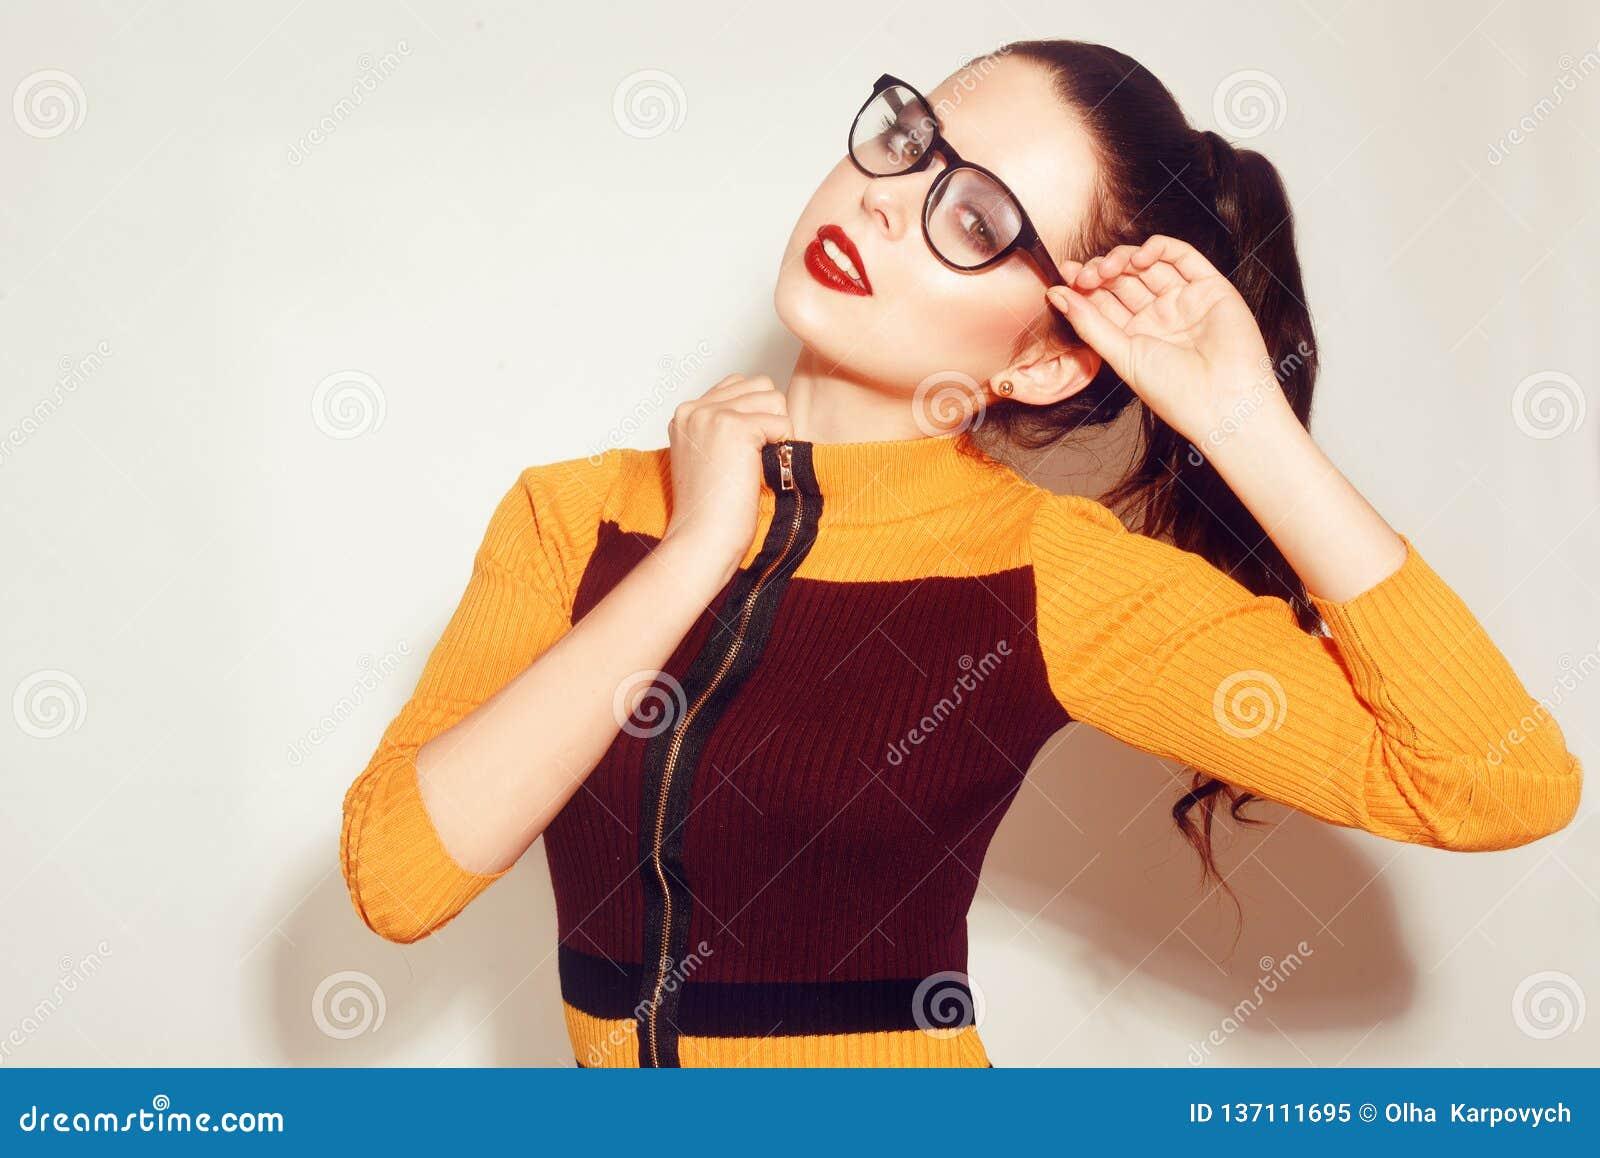 Ragazza di modello castana di modo di bellezza che indossa i vetri alla moda Donna sexy con trucco perfetto, il vestito arancio e